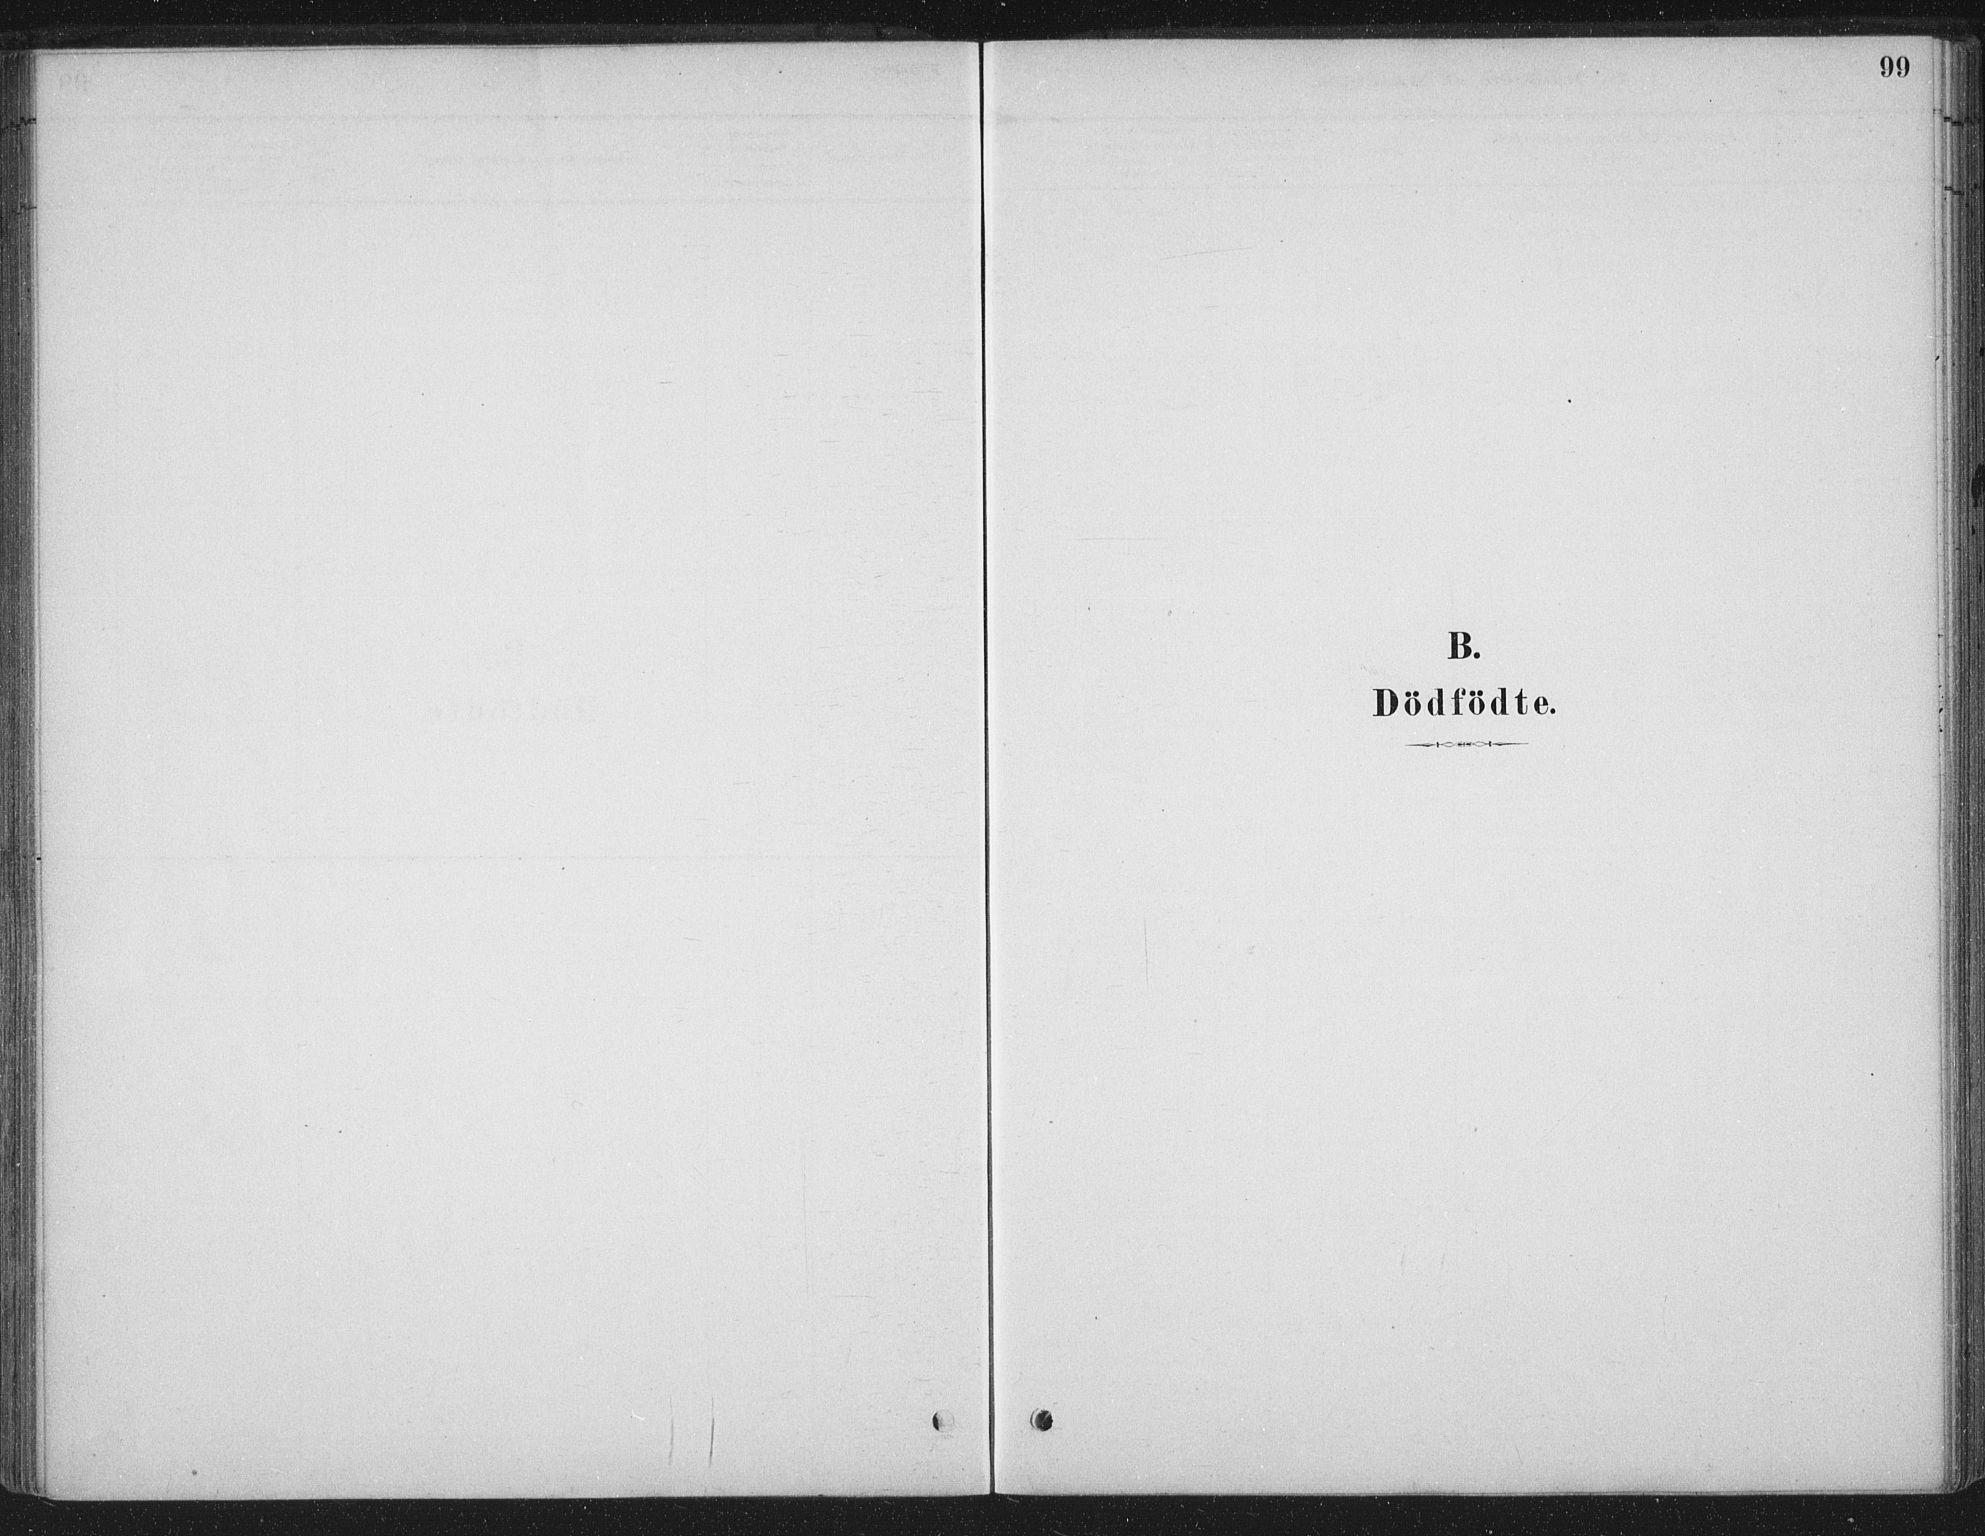 SAT, Ministerialprotokoller, klokkerbøker og fødselsregistre - Sør-Trøndelag, 662/L0755: Ministerialbok nr. 662A01, 1879-1905, s. 99